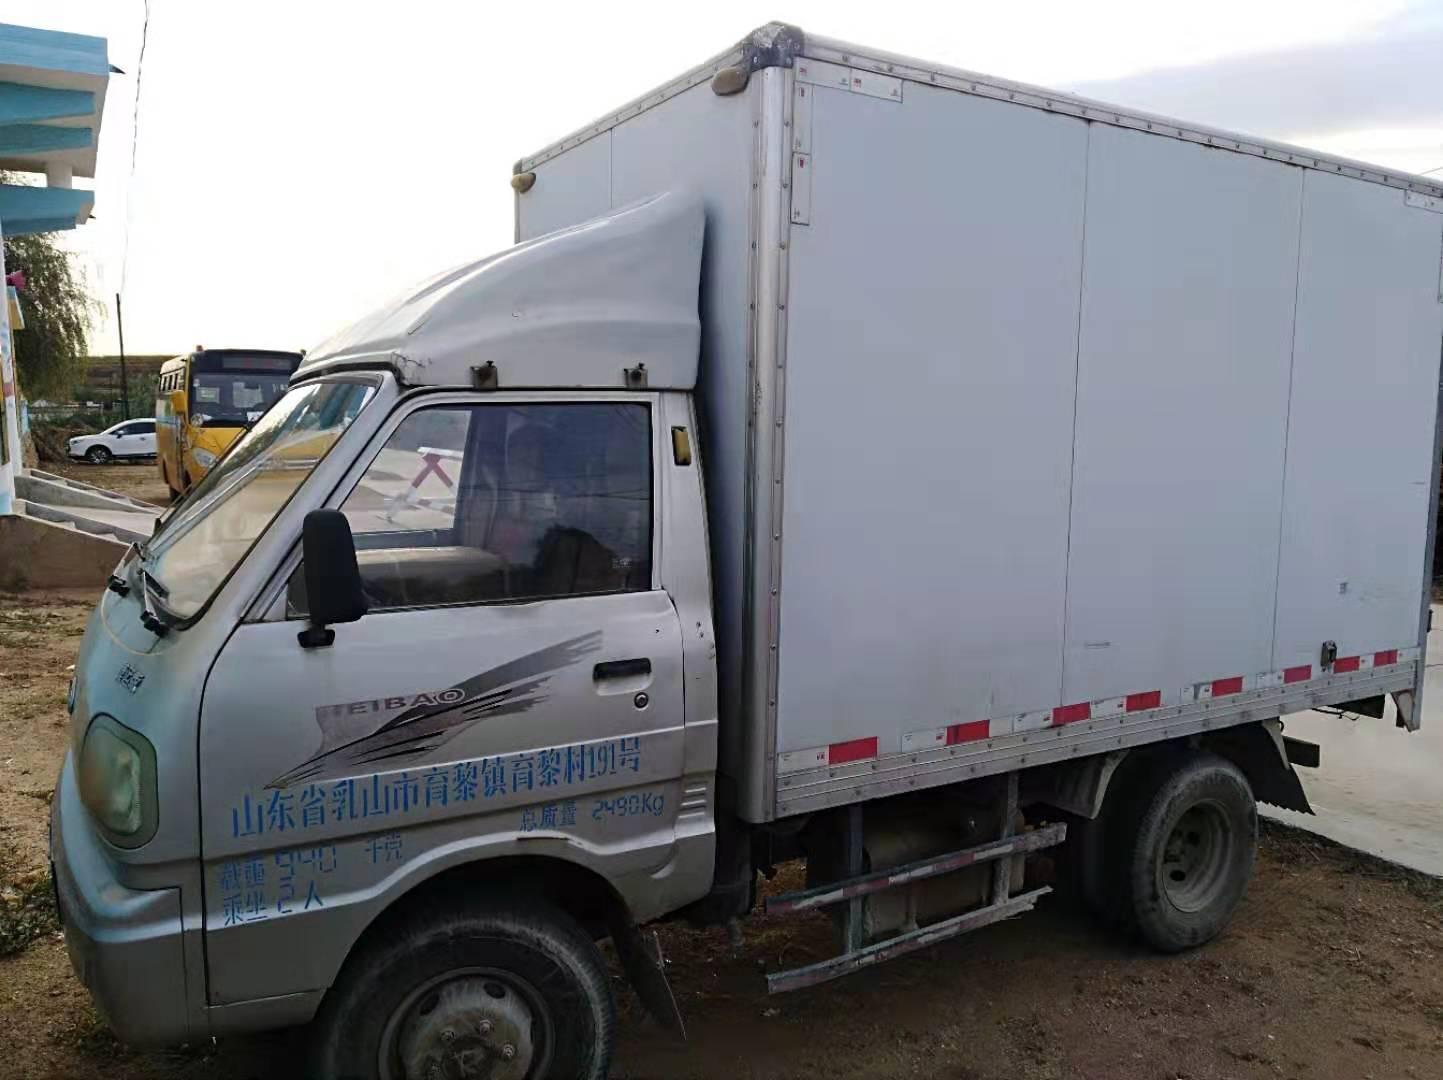 出售09年11月份的厢式货车黑豹牌单排